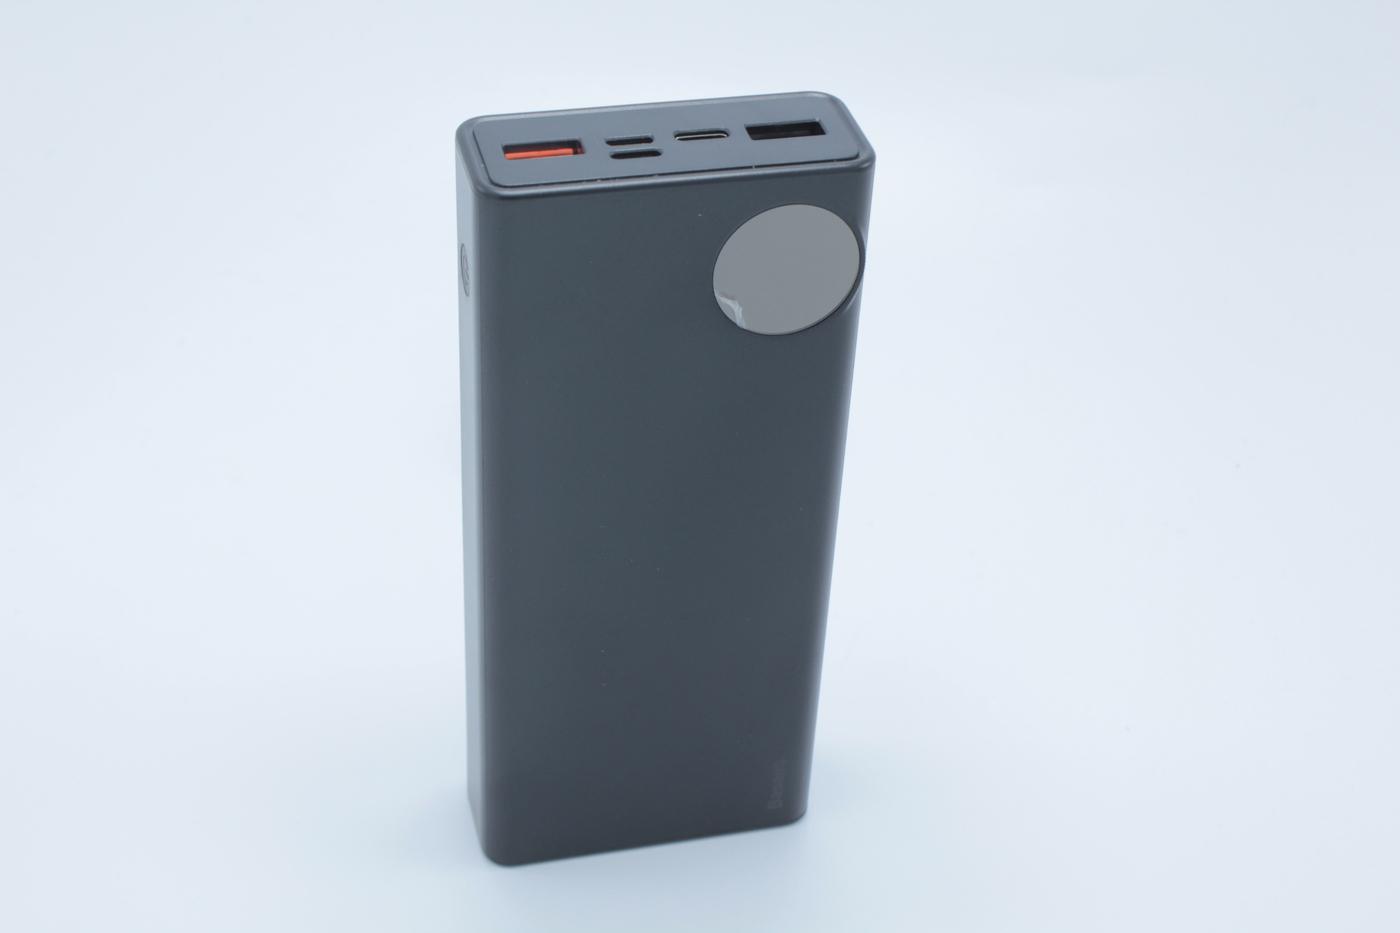 Аккумулятор внешний Baseus Mulight PD3.0 Quick charge powerbank 20000mAh Black PPALL-MY01, черный